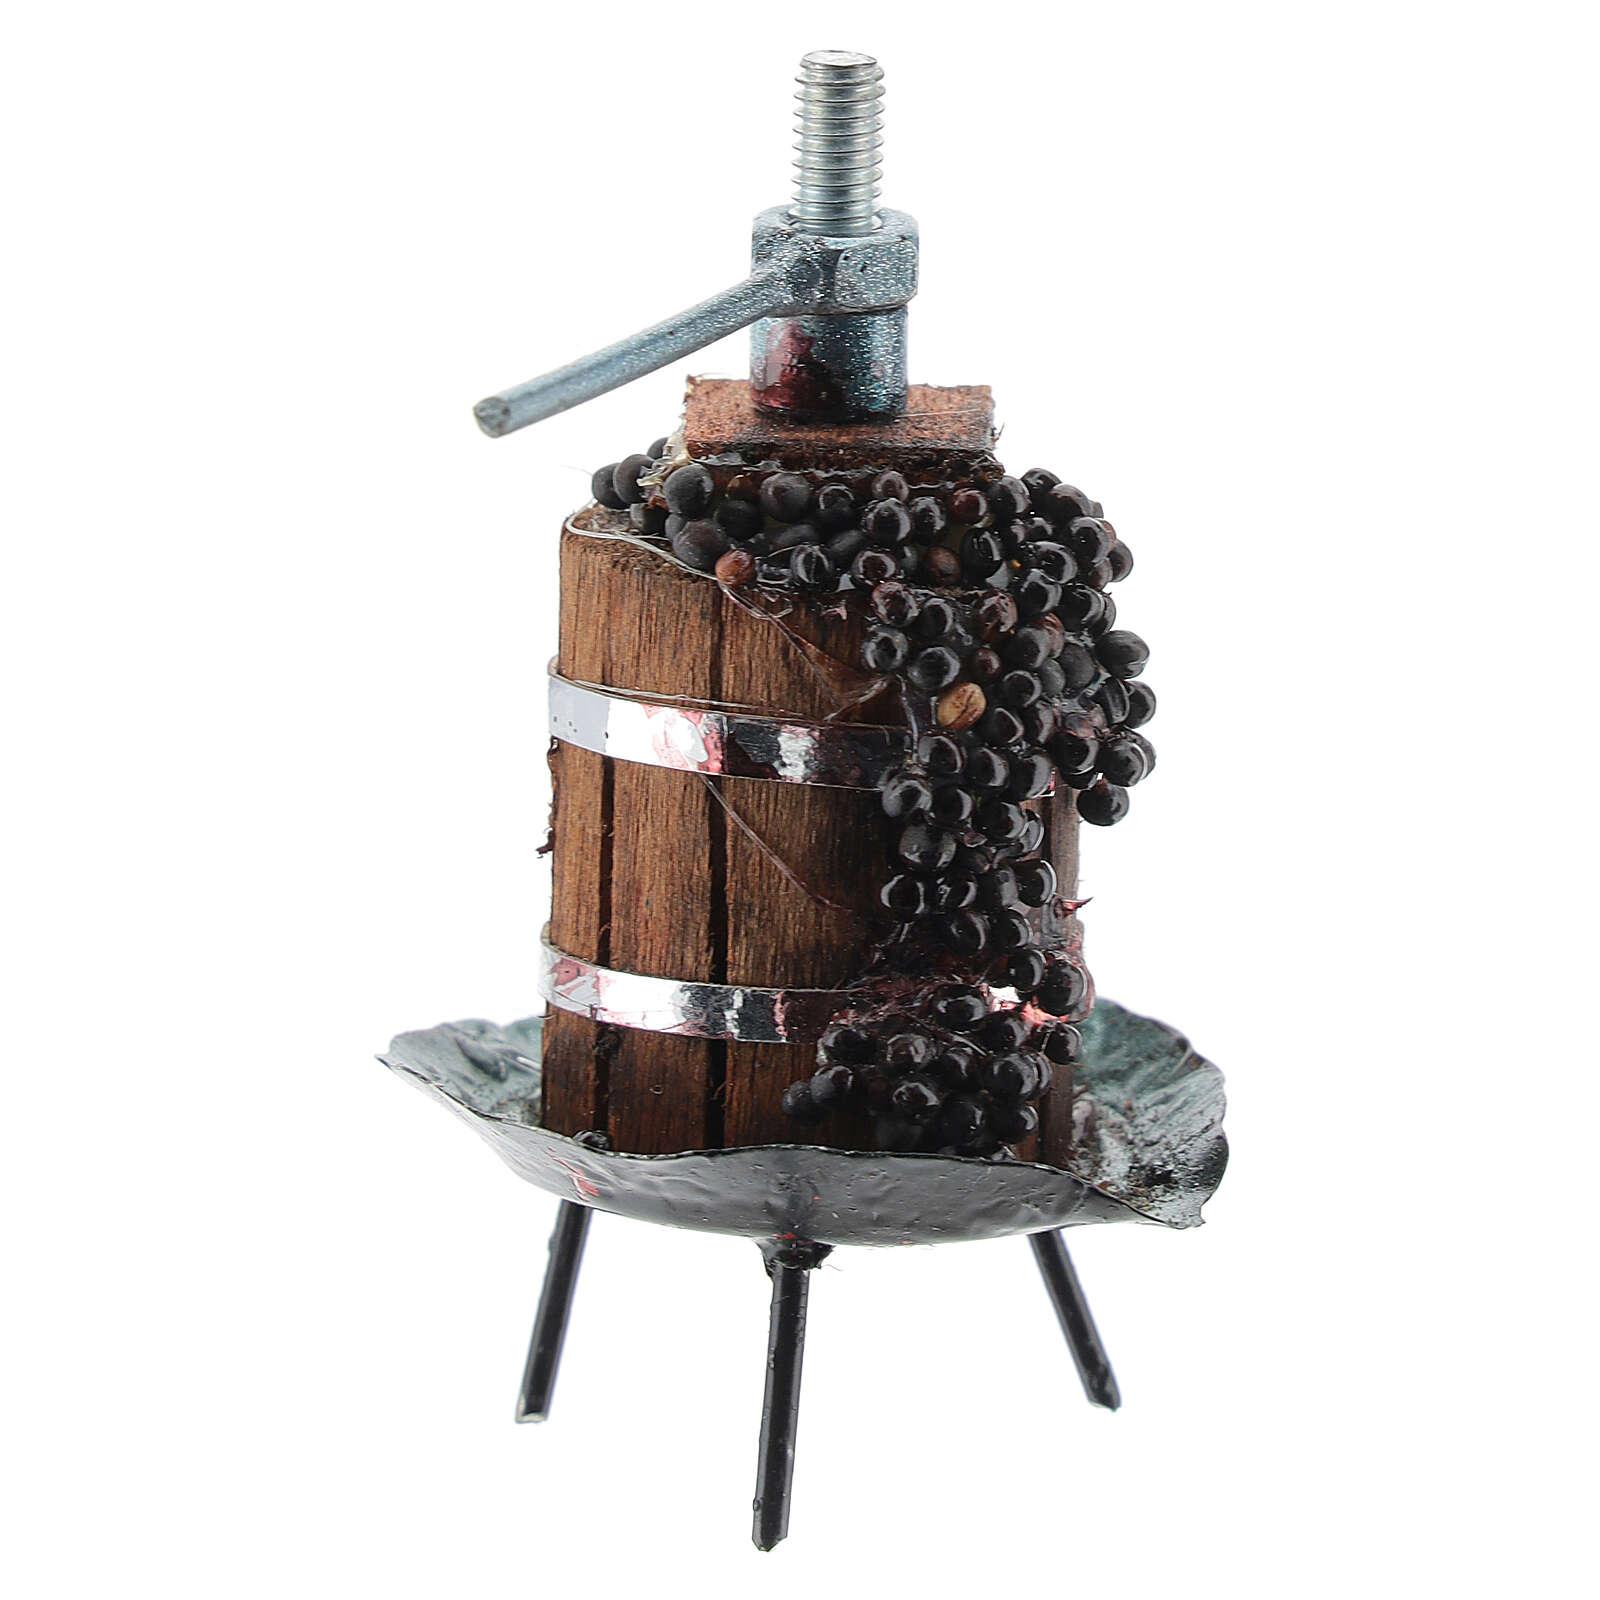 Torchio con uva per presepe fai da te 4